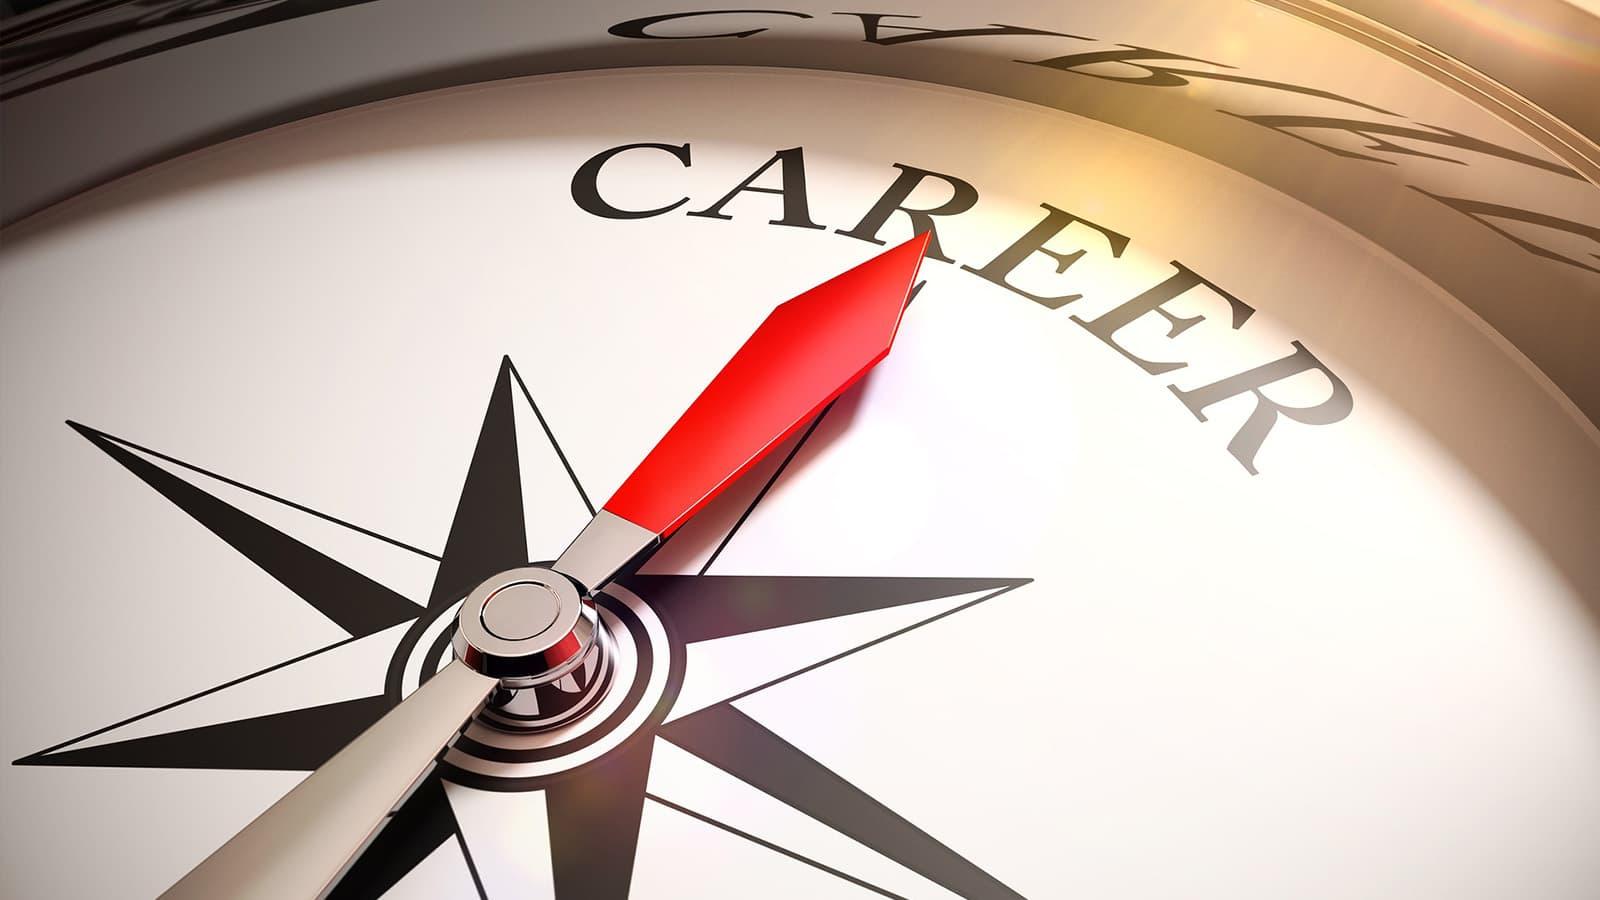 Berufliche Neuorientierung als kritisches Lebensereignis